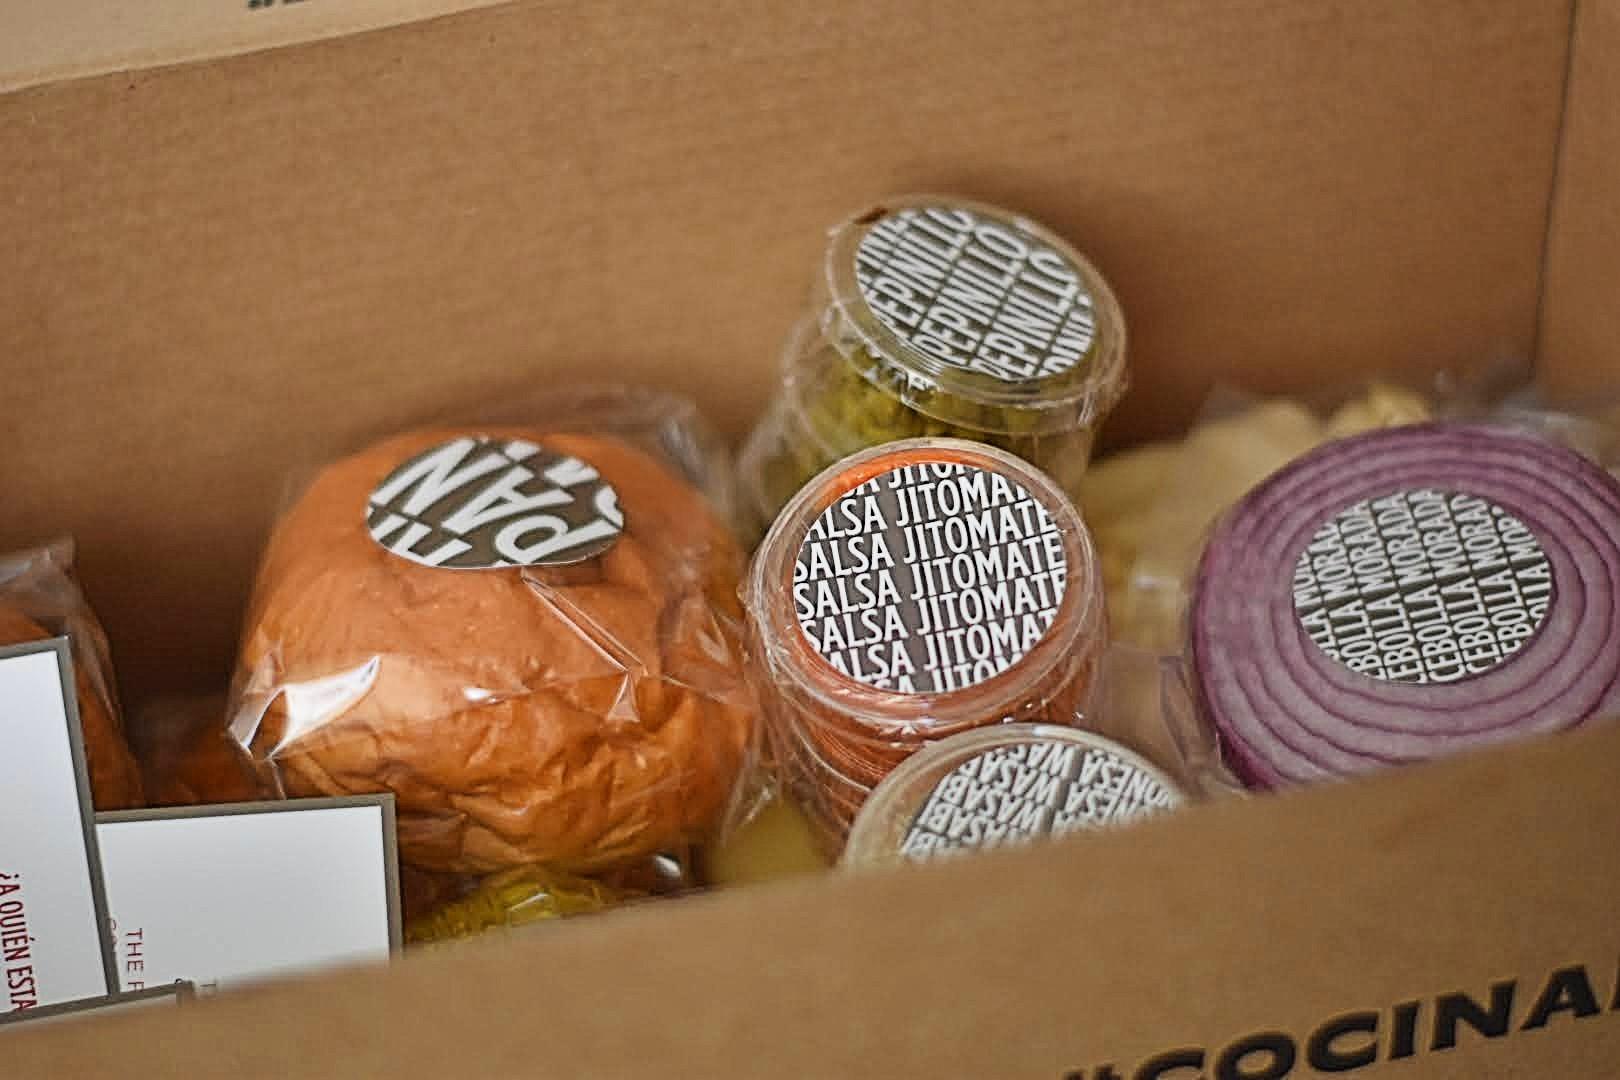 Esta caja semanal te permite probar los platillos de chefs reconocidos mientras ayudas